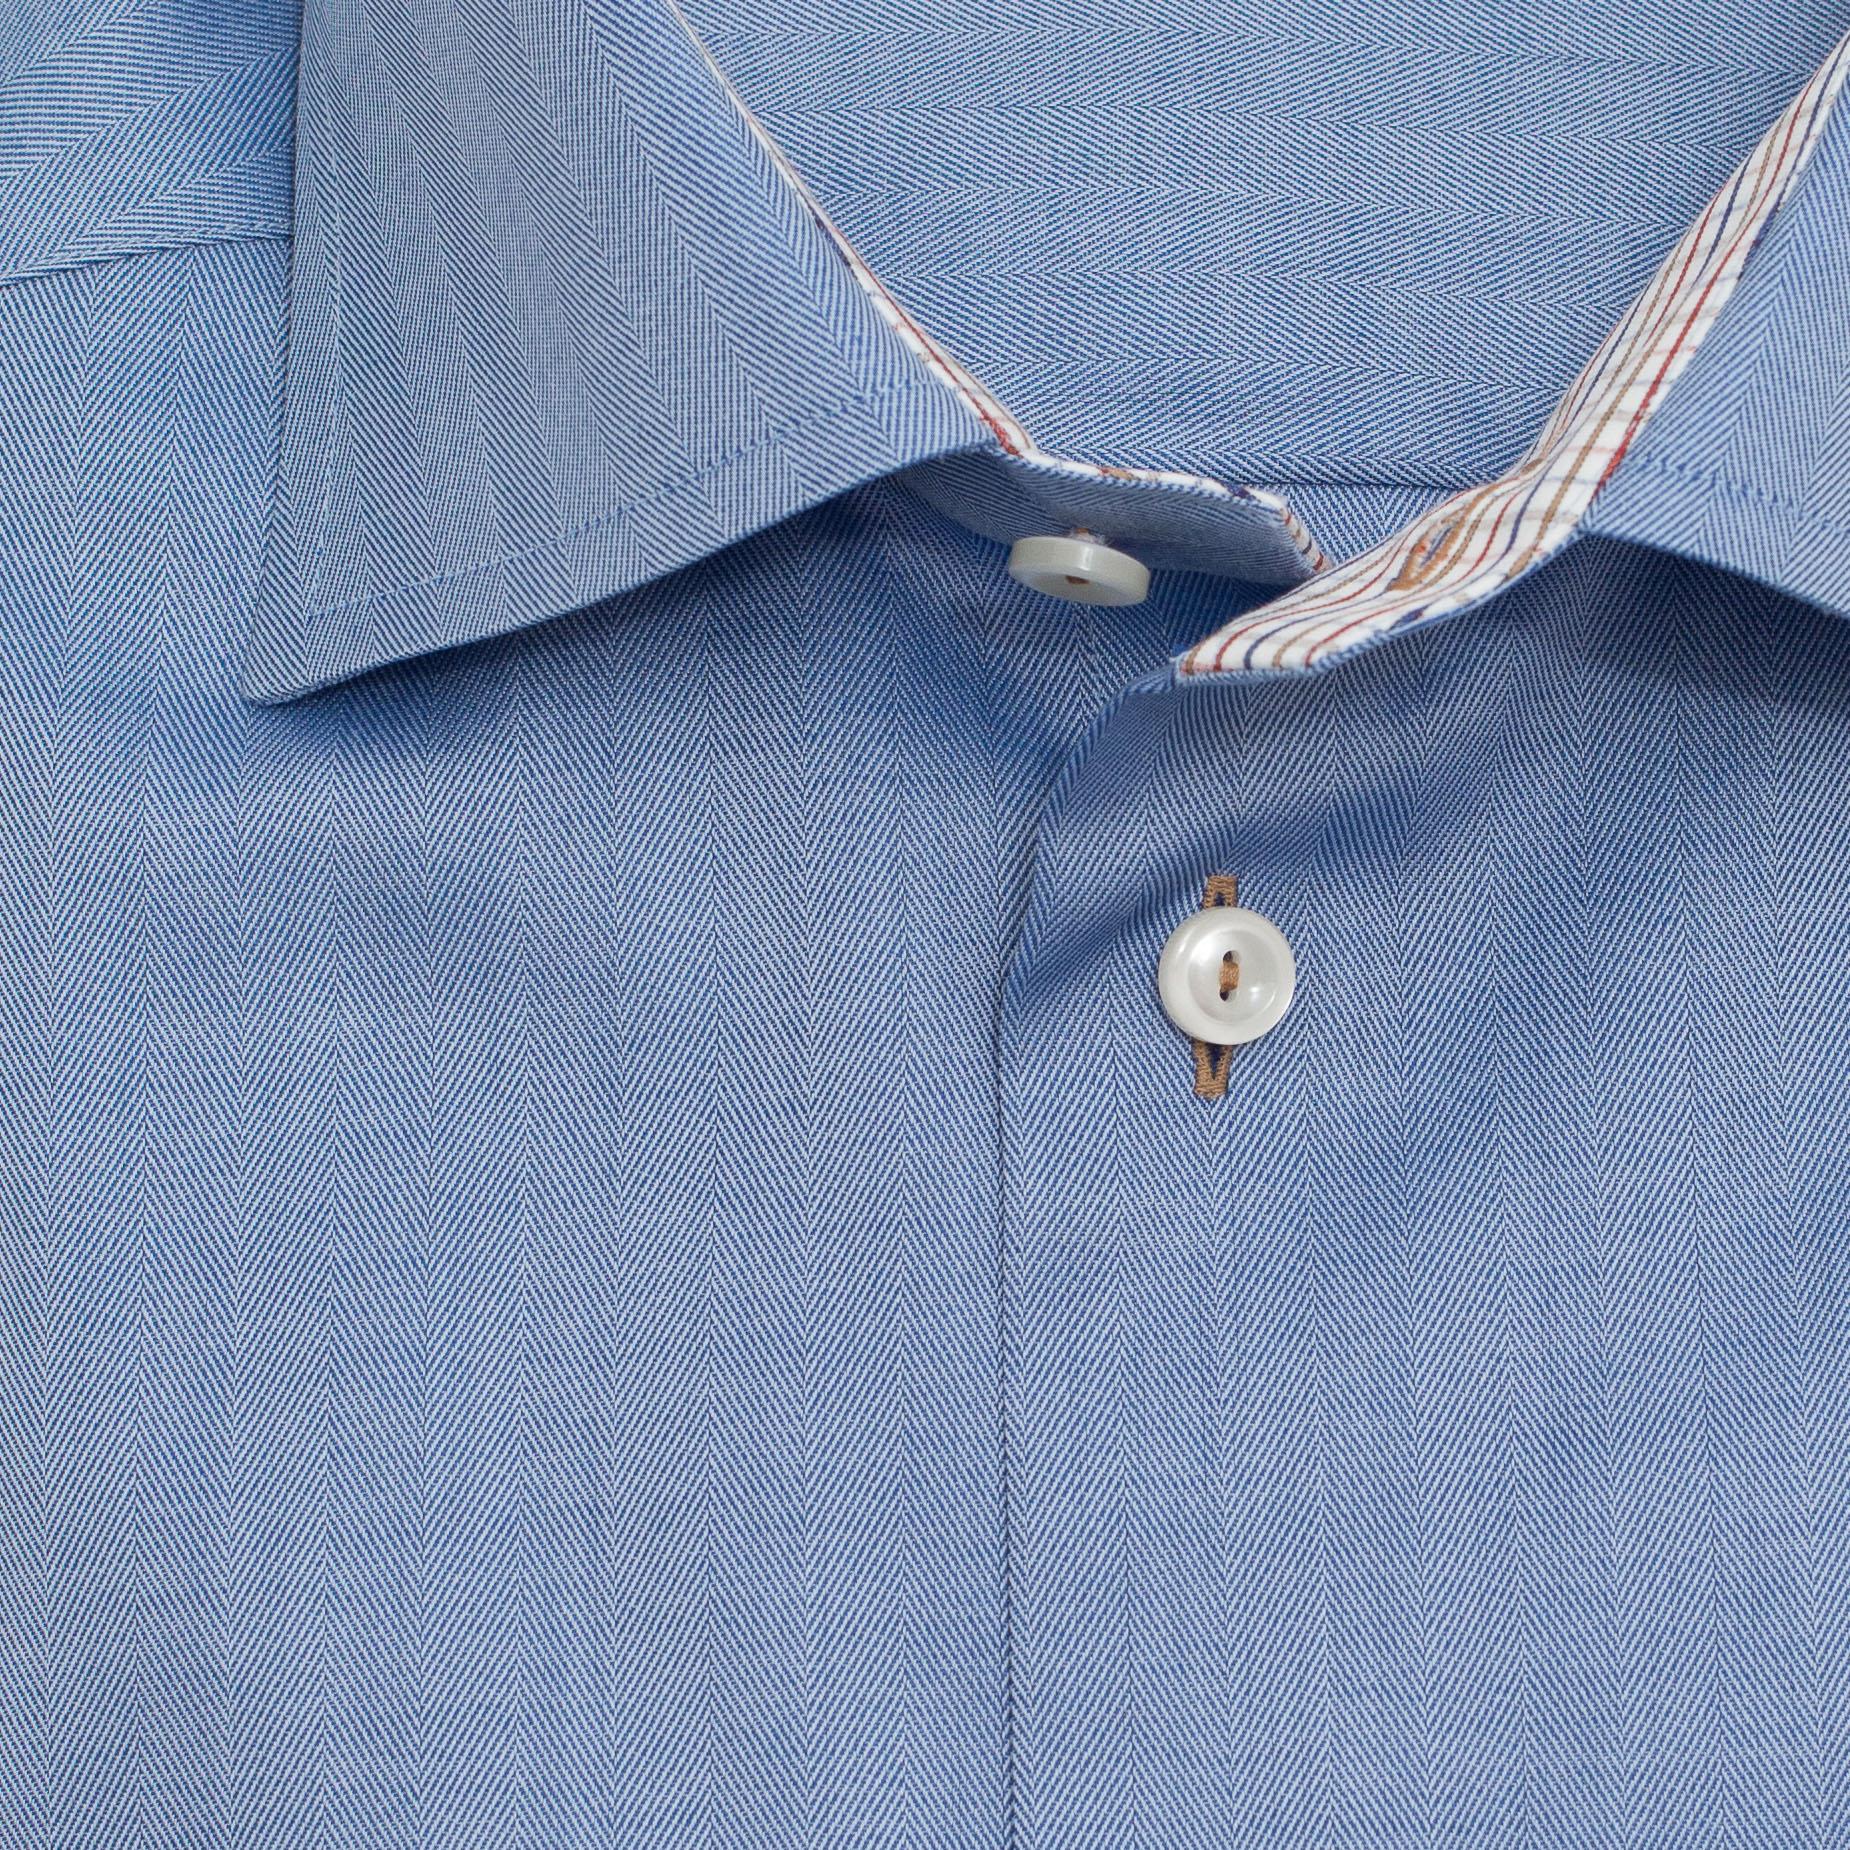 Produktfoto skjortor